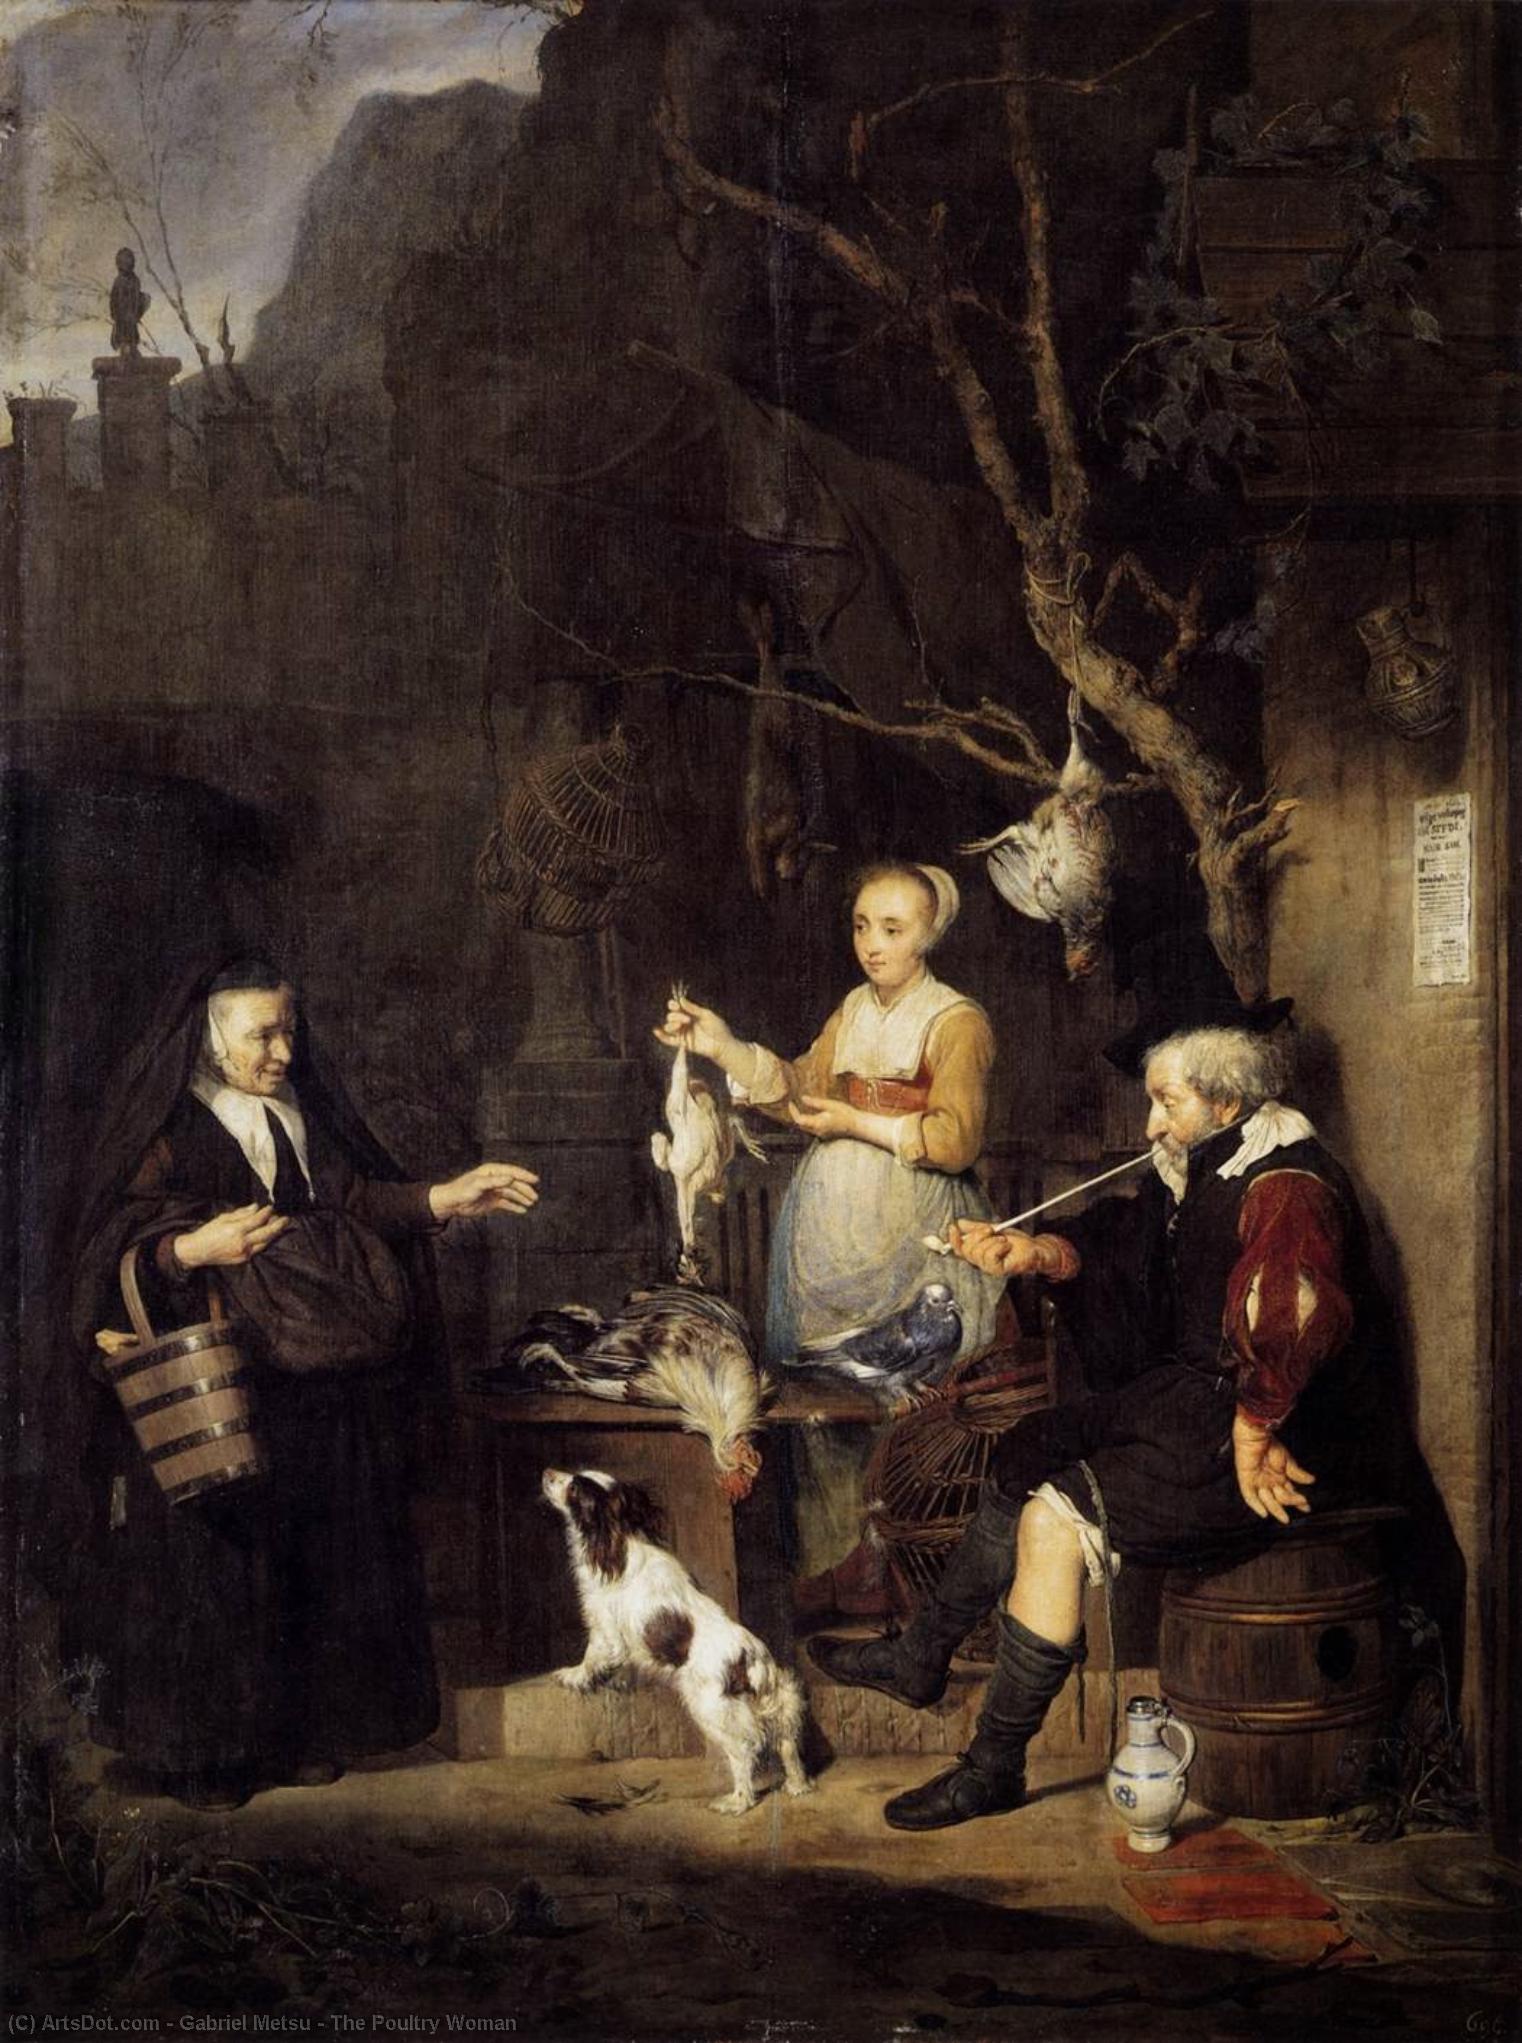 Metsu 1662 Jeune femme vendant de la volaille Gemaldegalerie Alte Meister Dresde